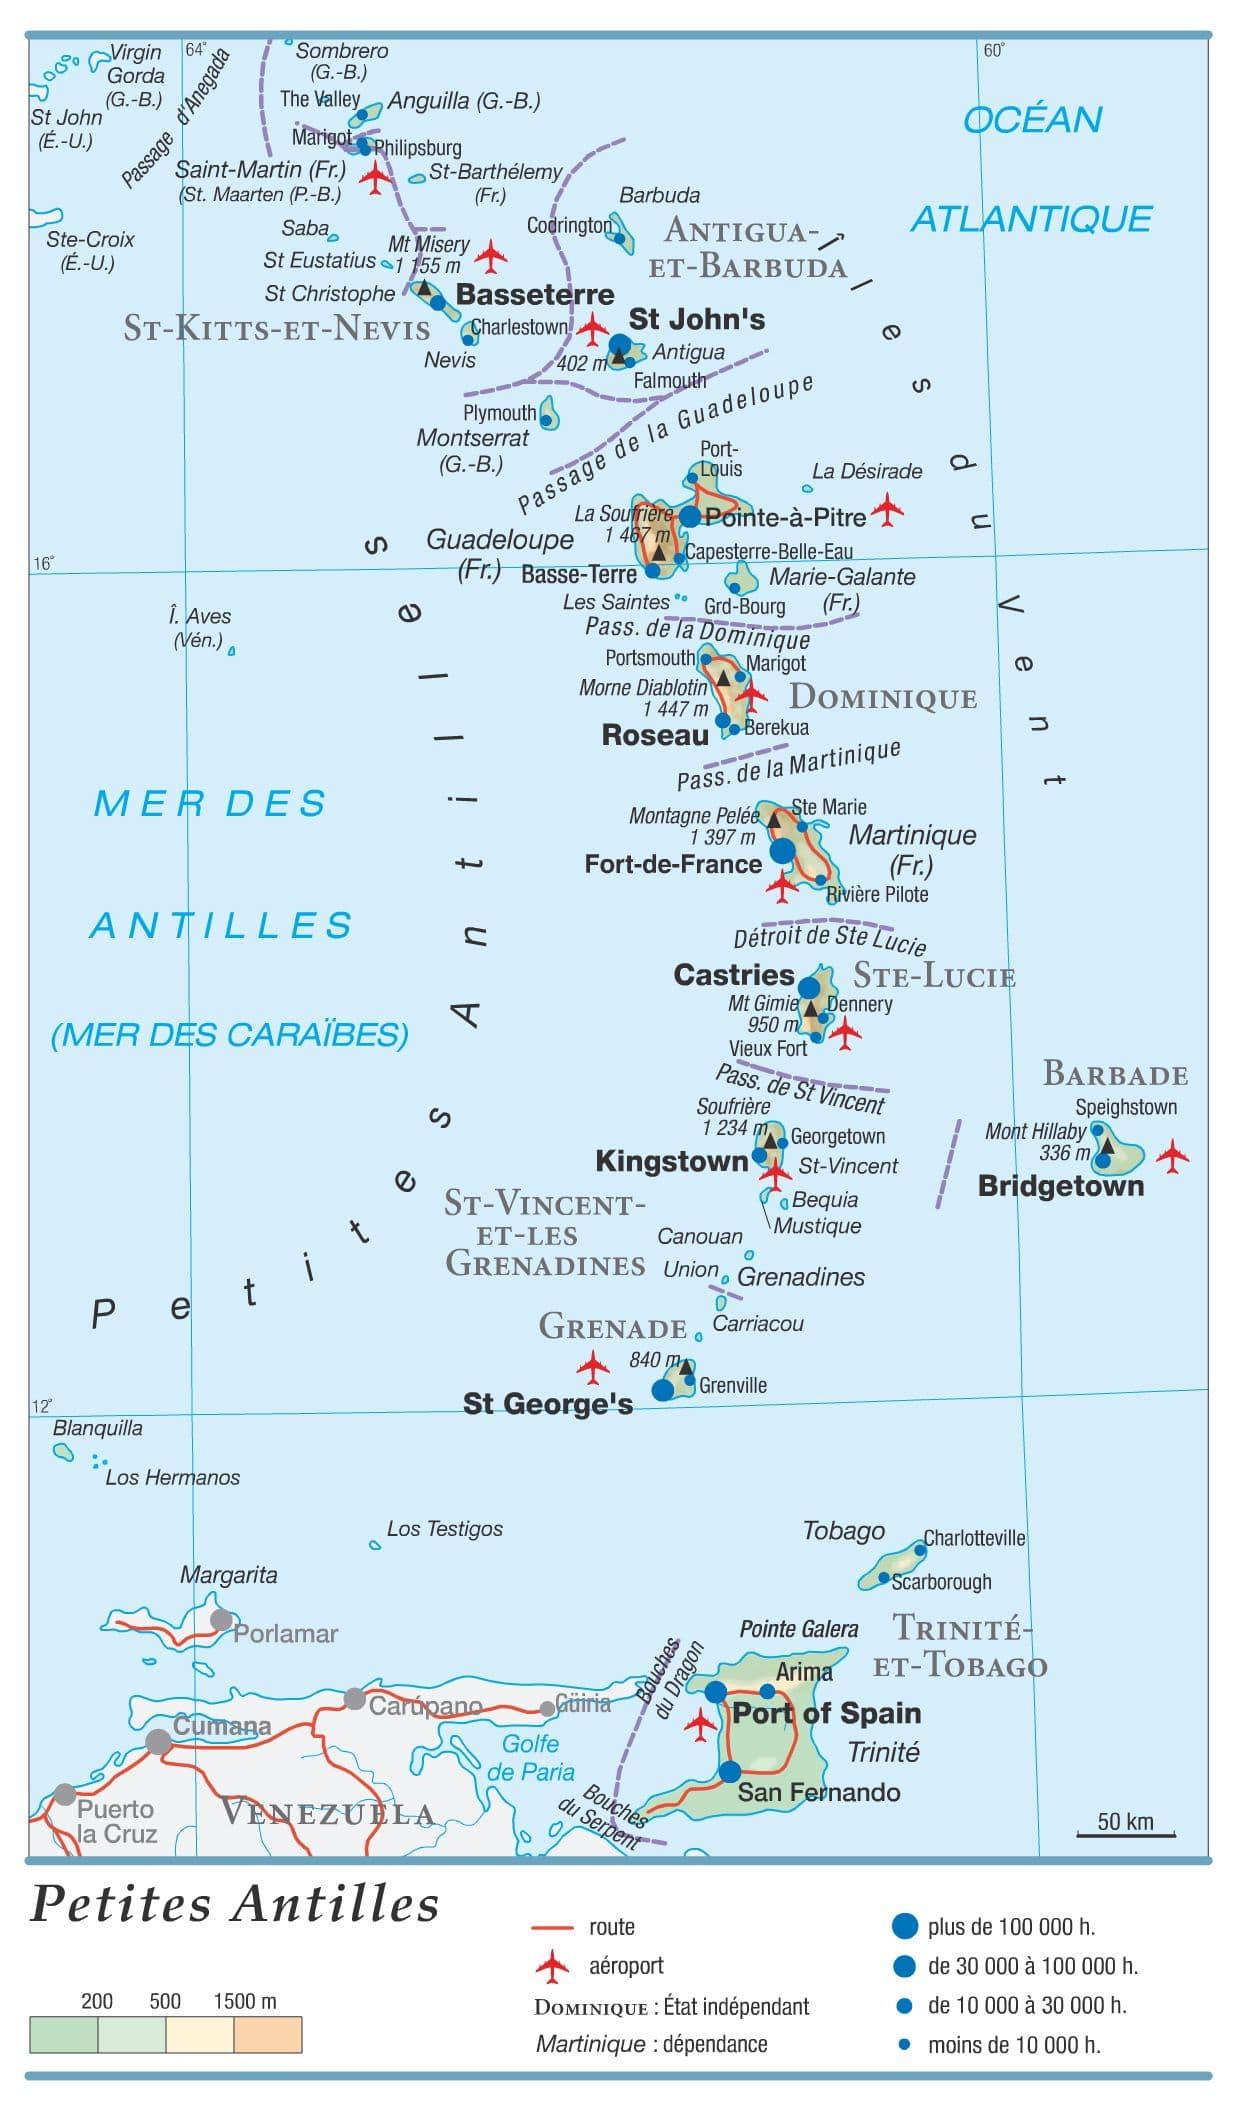 carte-des-petites-antilles